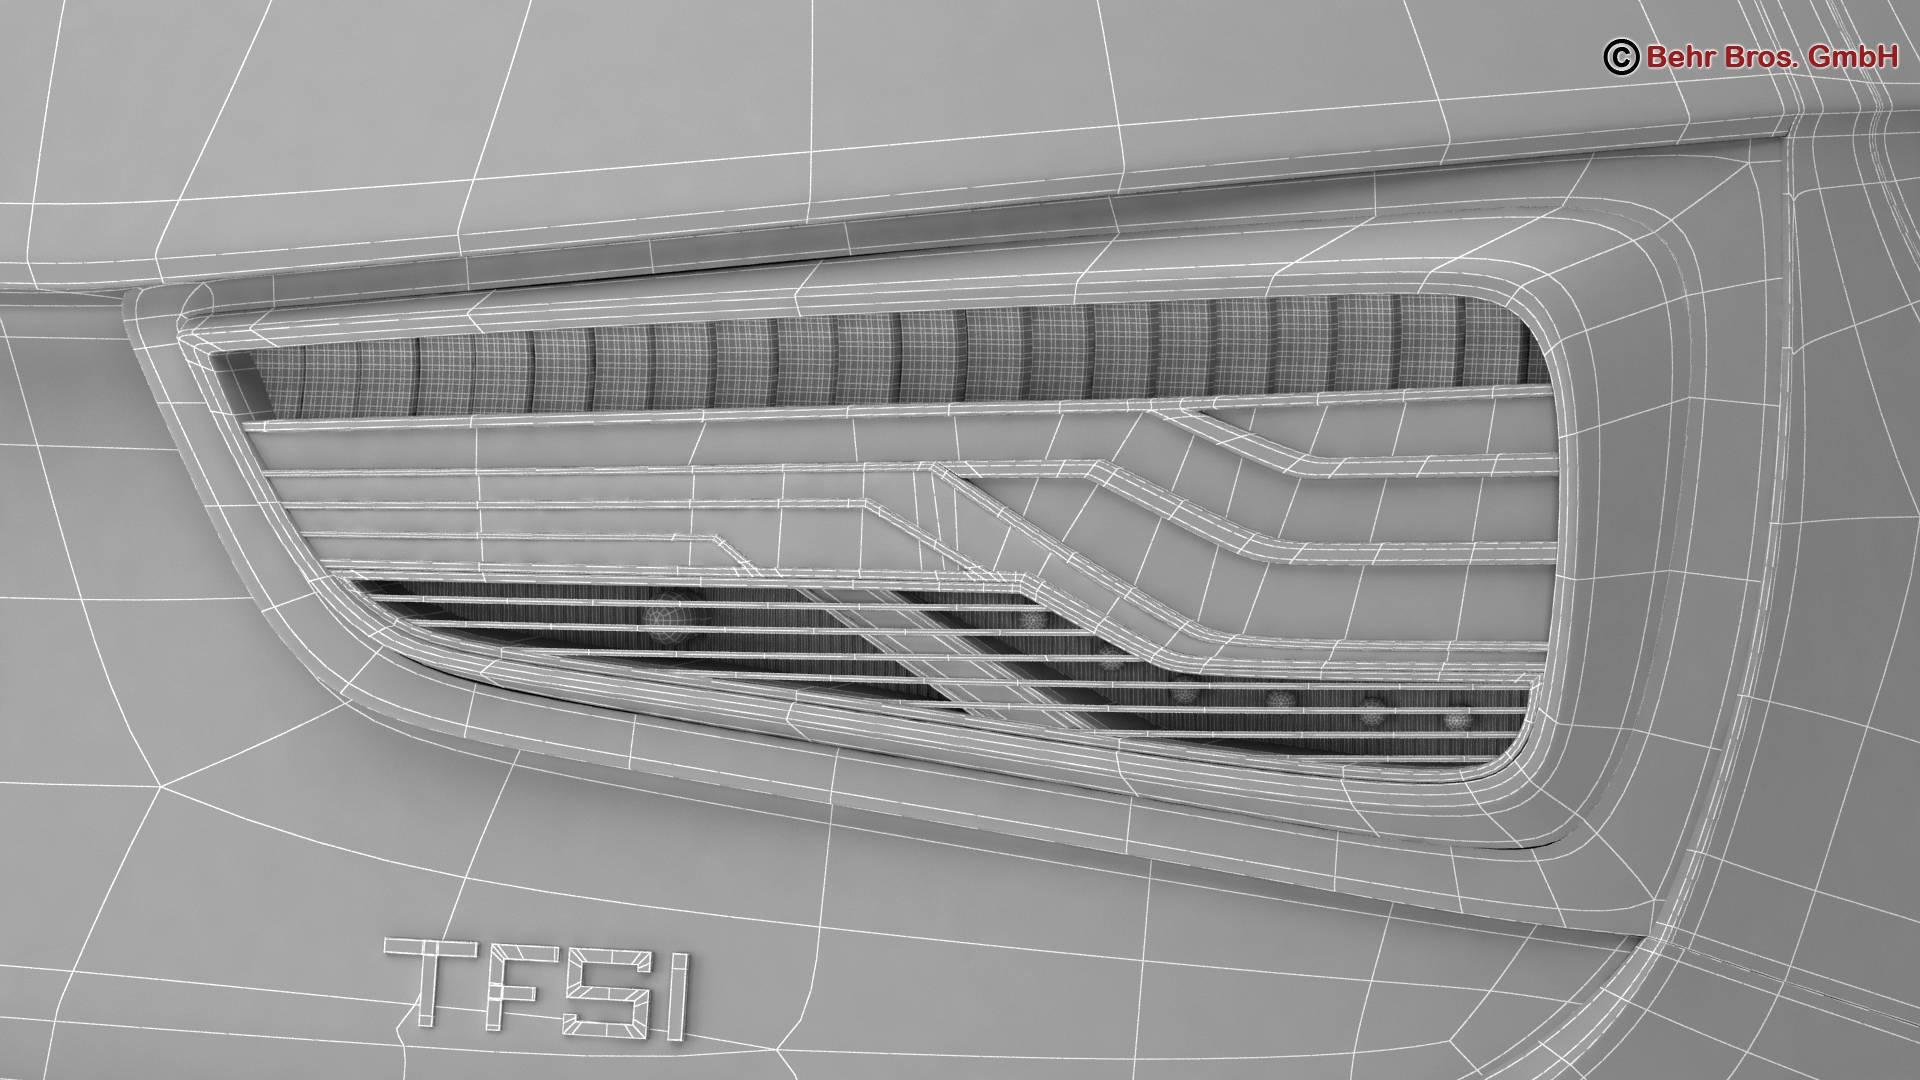 Audi a1 2015 3d model 3ds max fbx c4d am fwy o wybodaeth 214719